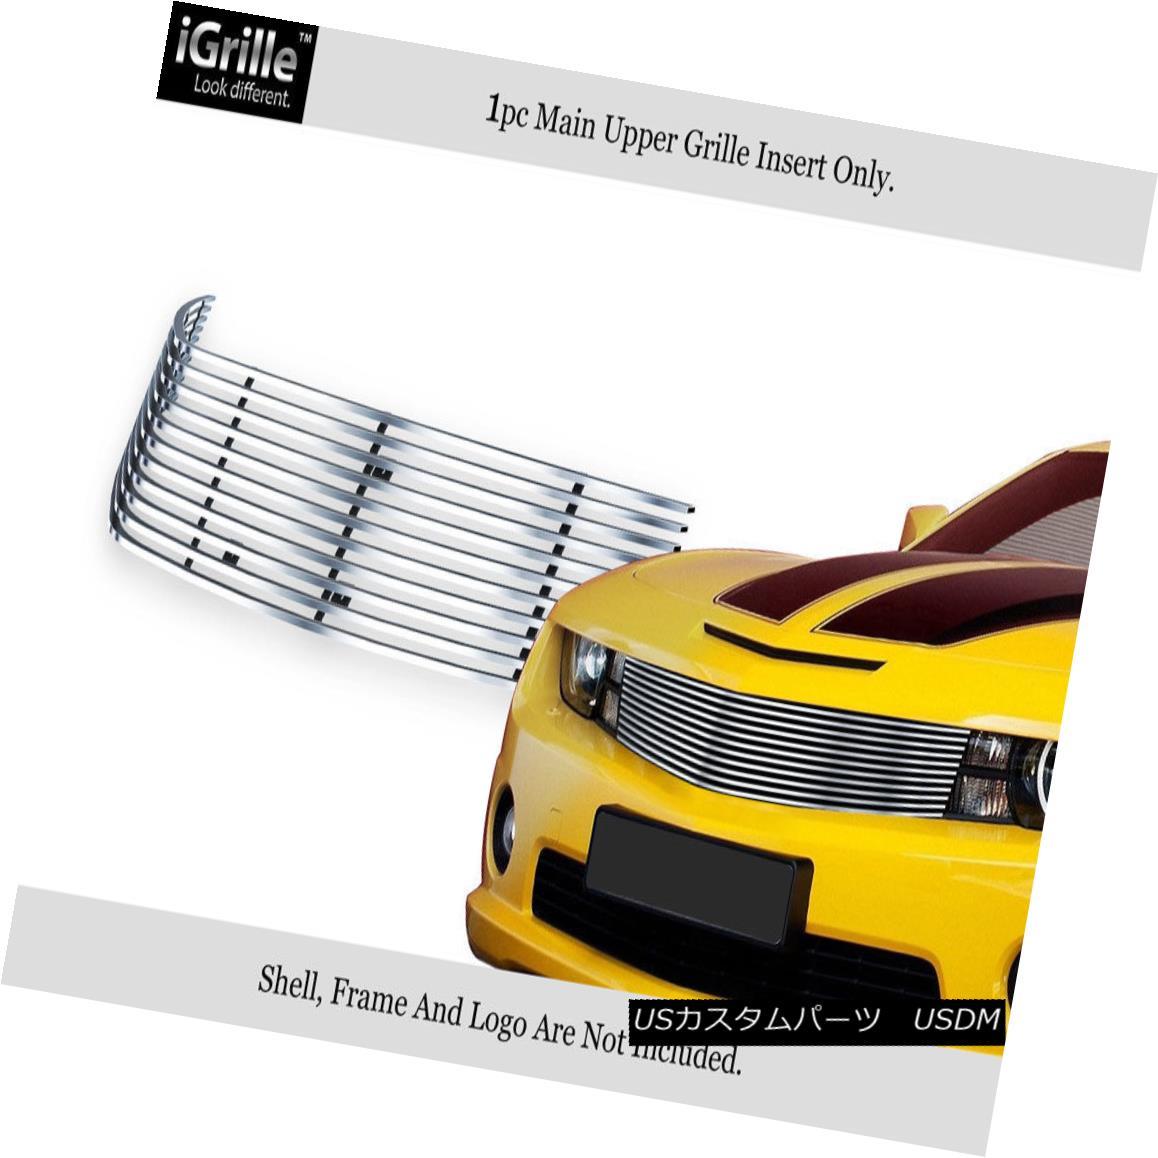 グリル Fits 2010-2013 Chevy Camaro LT/LS/RS/SS Short Style Stainless Billet Grille フィット2010-2013シボレーカマロLT / LS / RS / SSショートスタイルステンレスビレットグリル